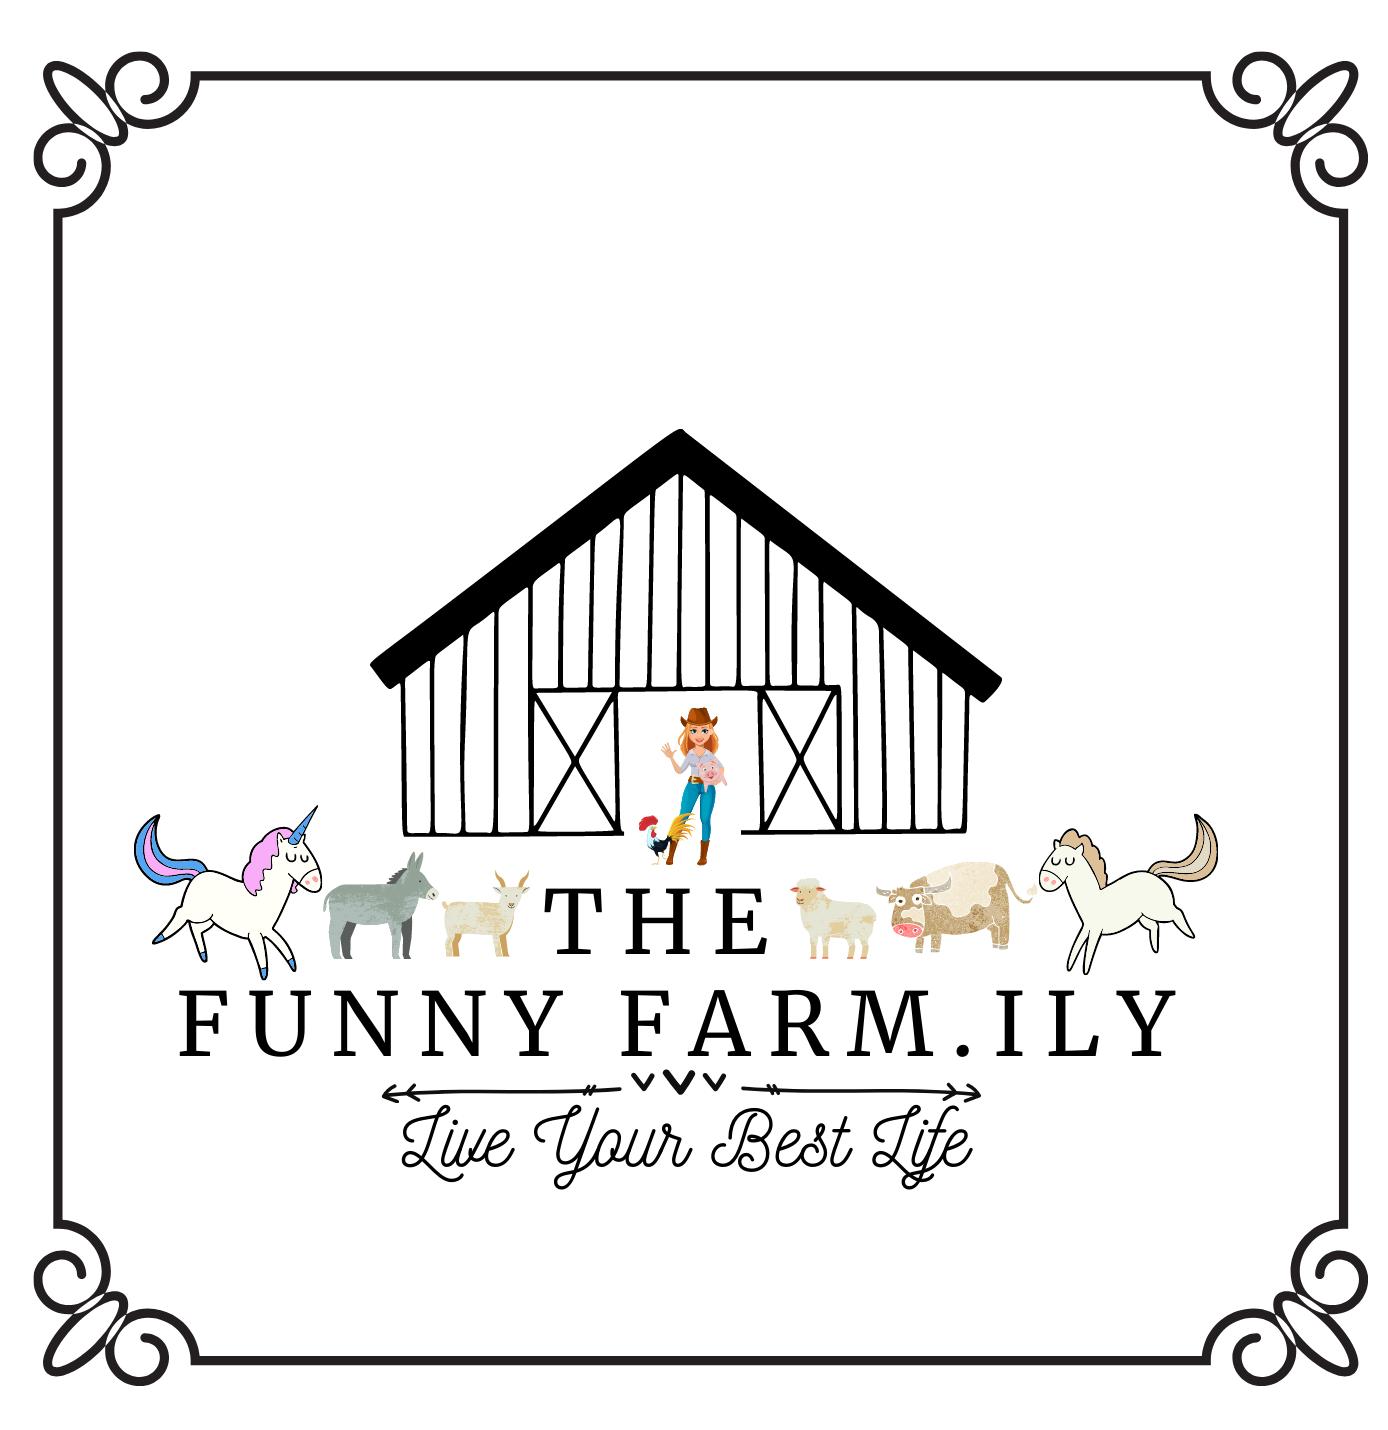 The Funny Farm.ily